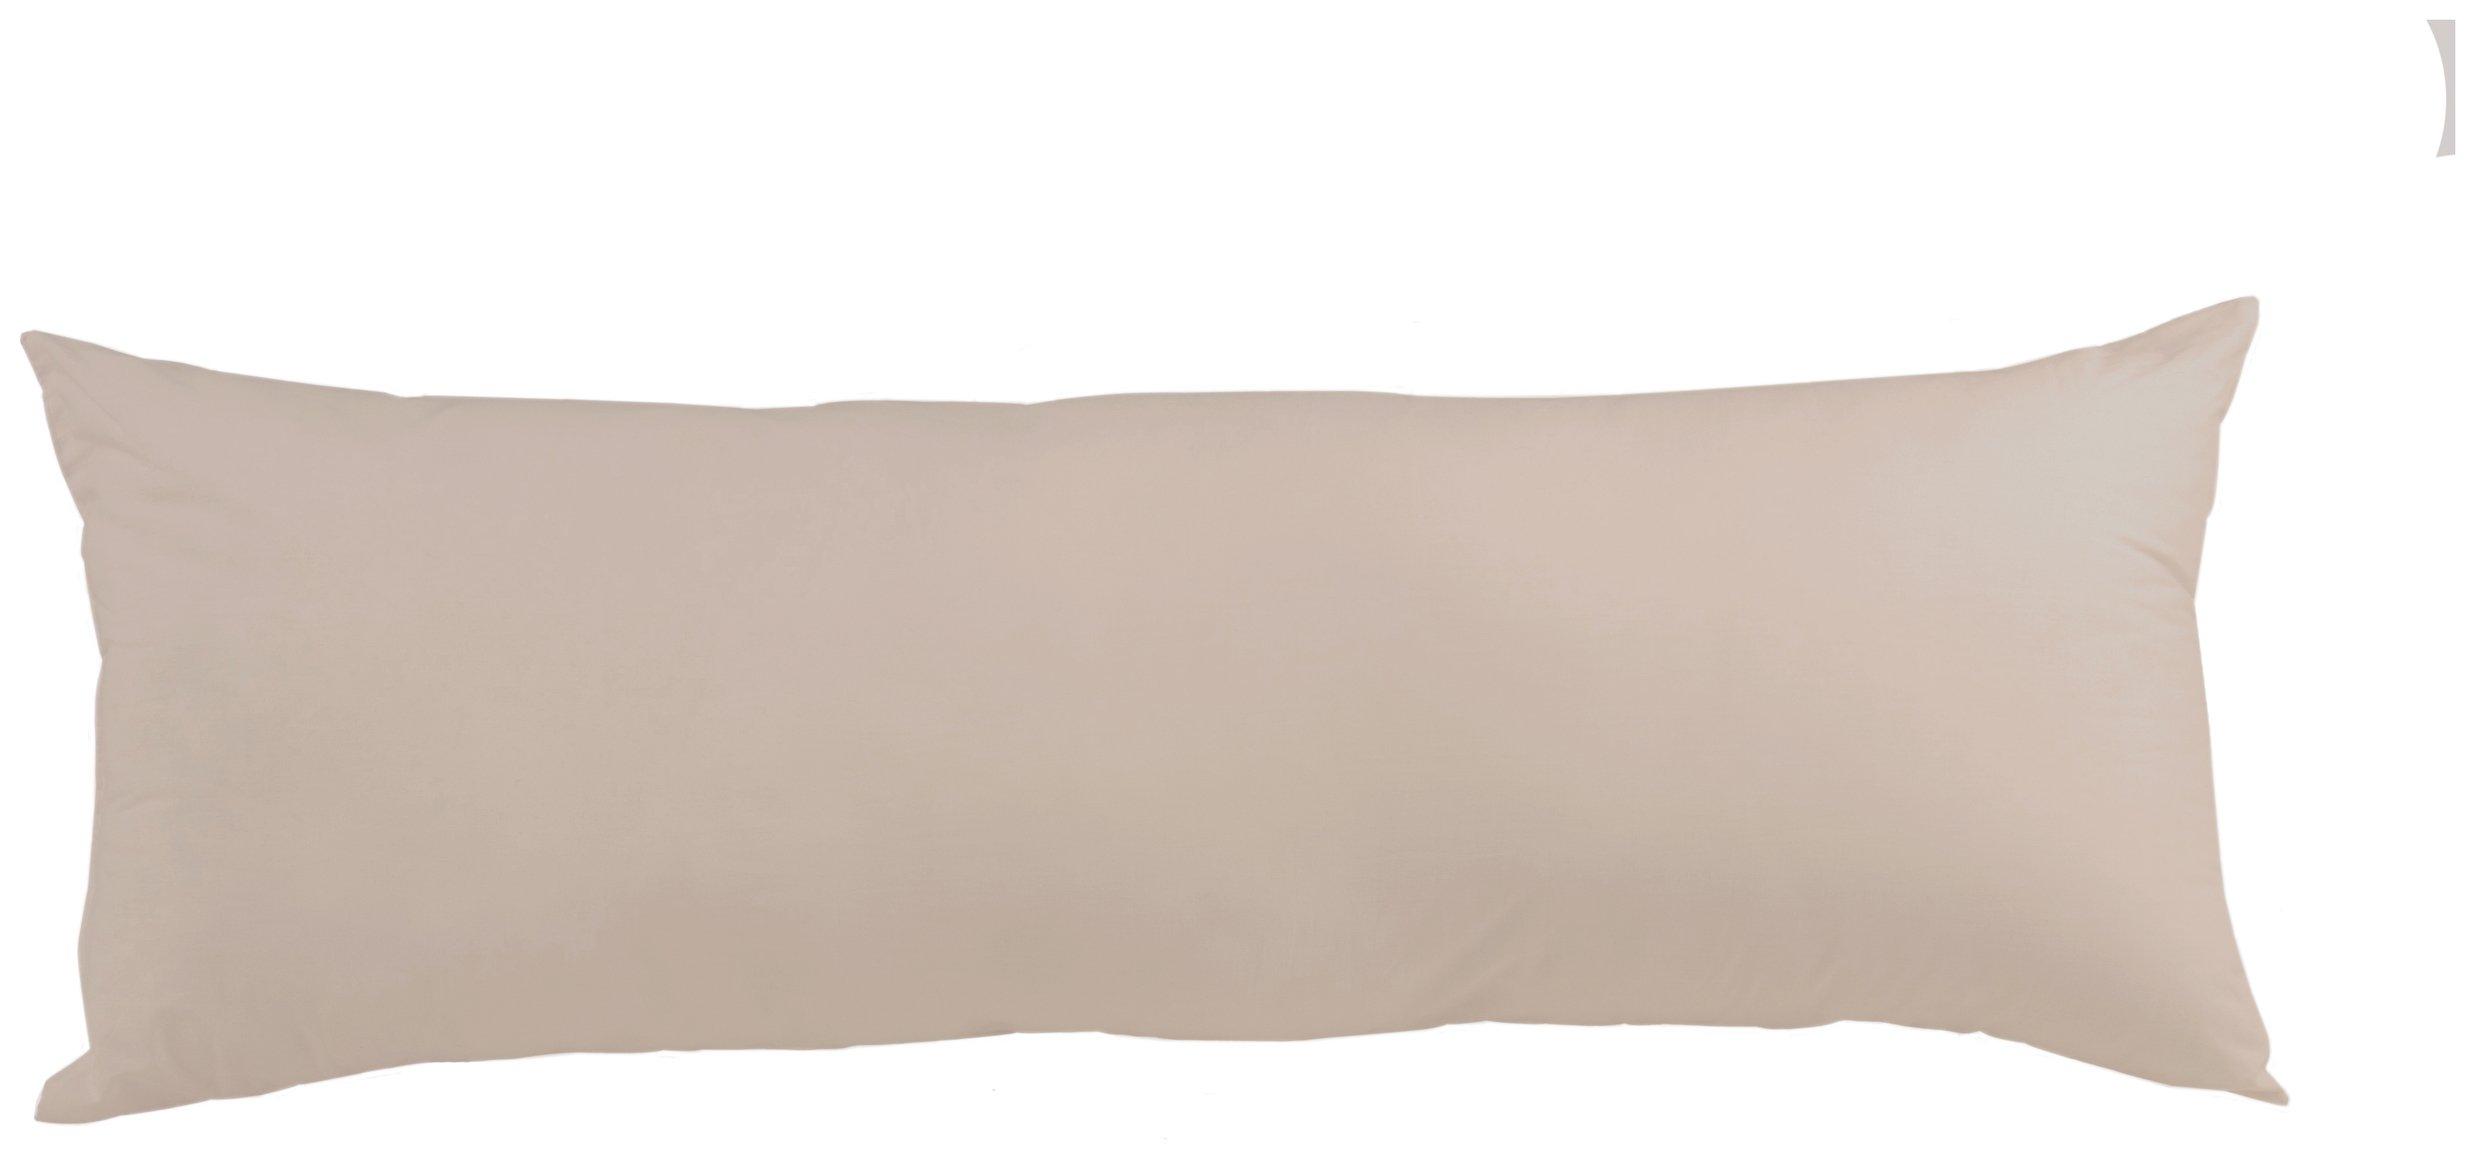 downland  4 ft 6 inch latte bolster pillowcases  set of 2